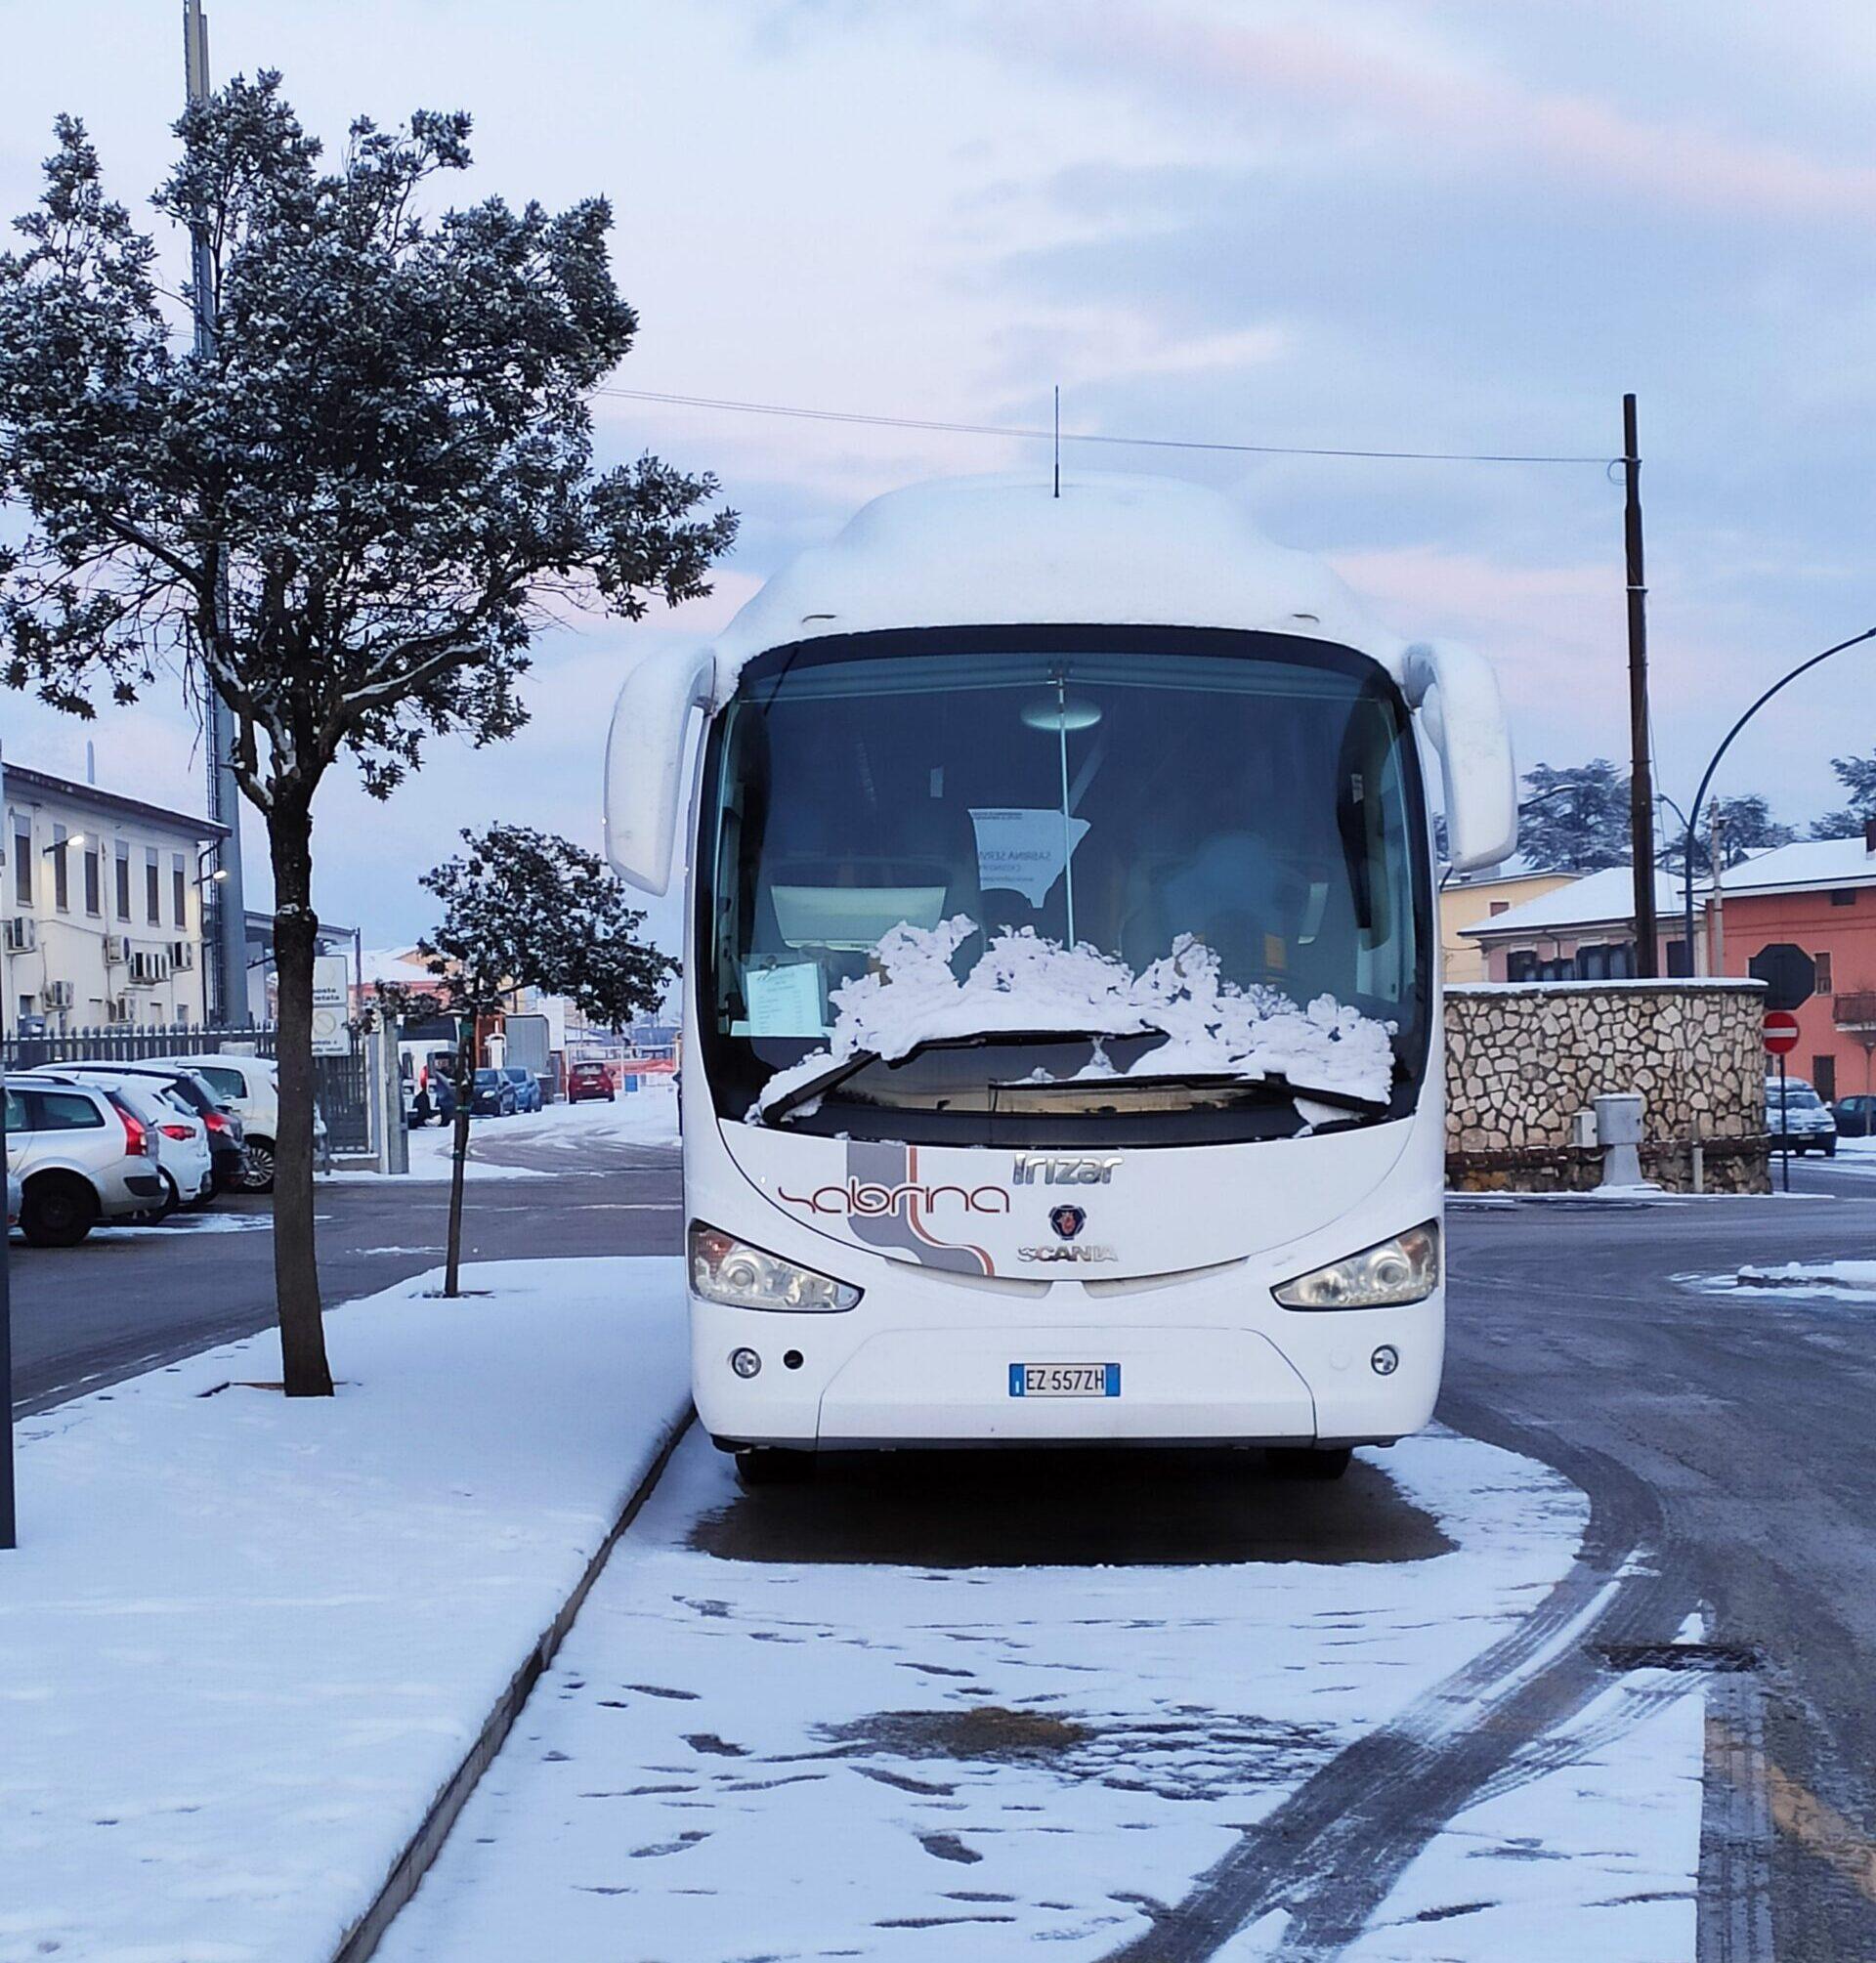 Trasporto ferroviario, purtroppo ancora guasti e cancellazioni sulla linea Avezzano-Roma